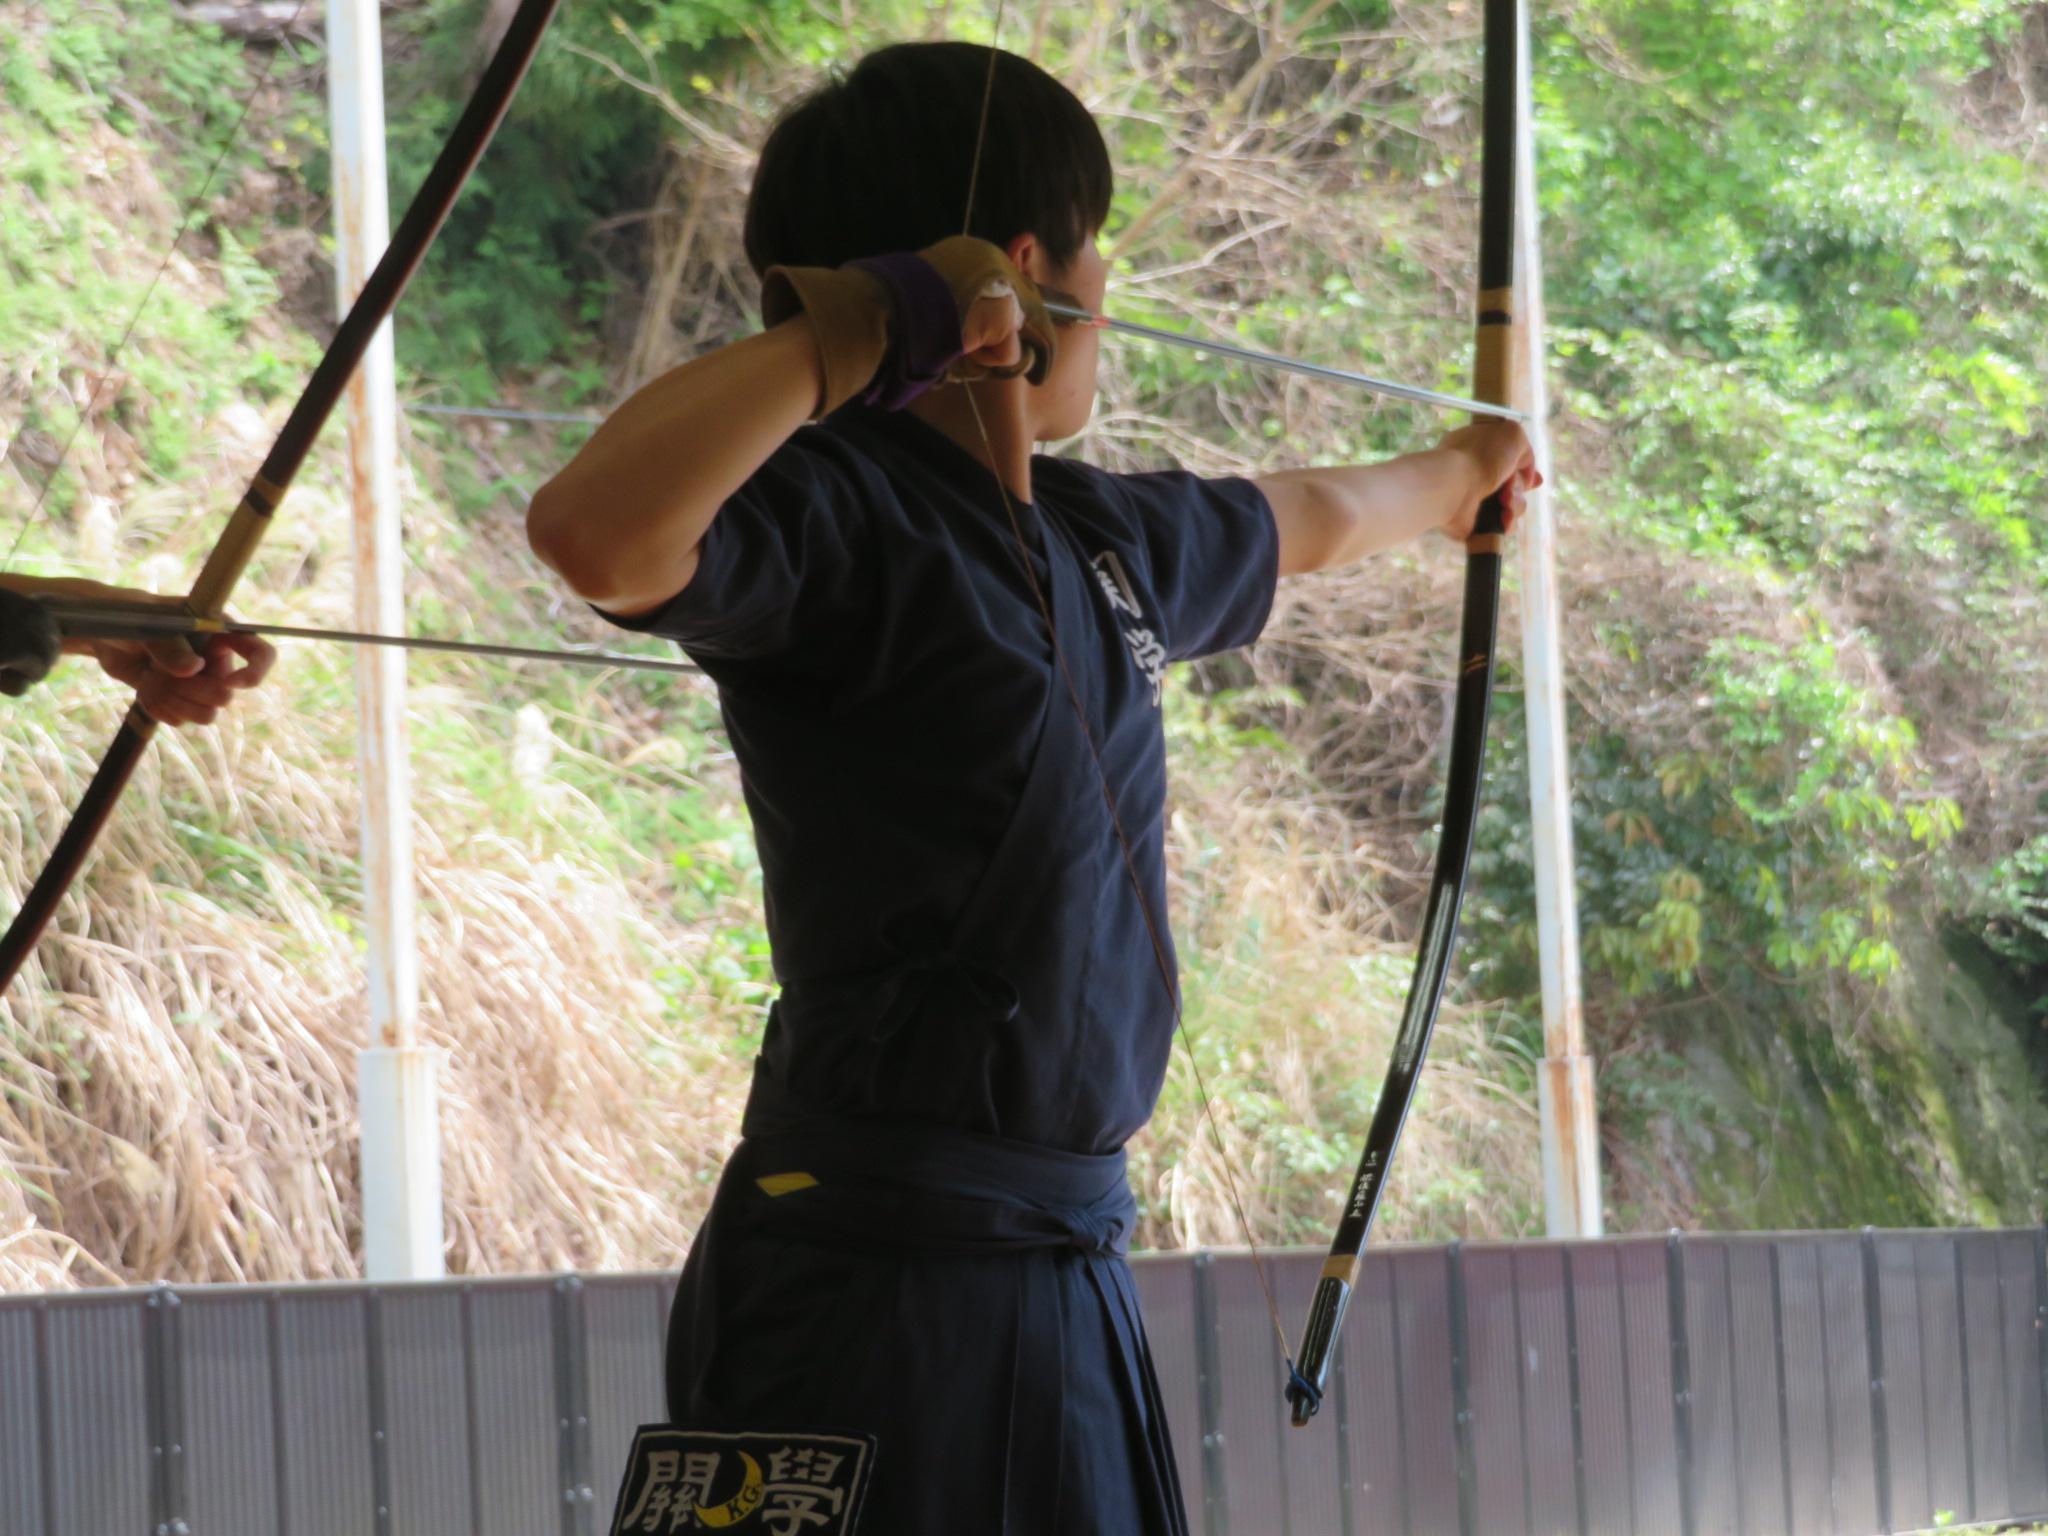 大前 平山(2)柳井高校出身